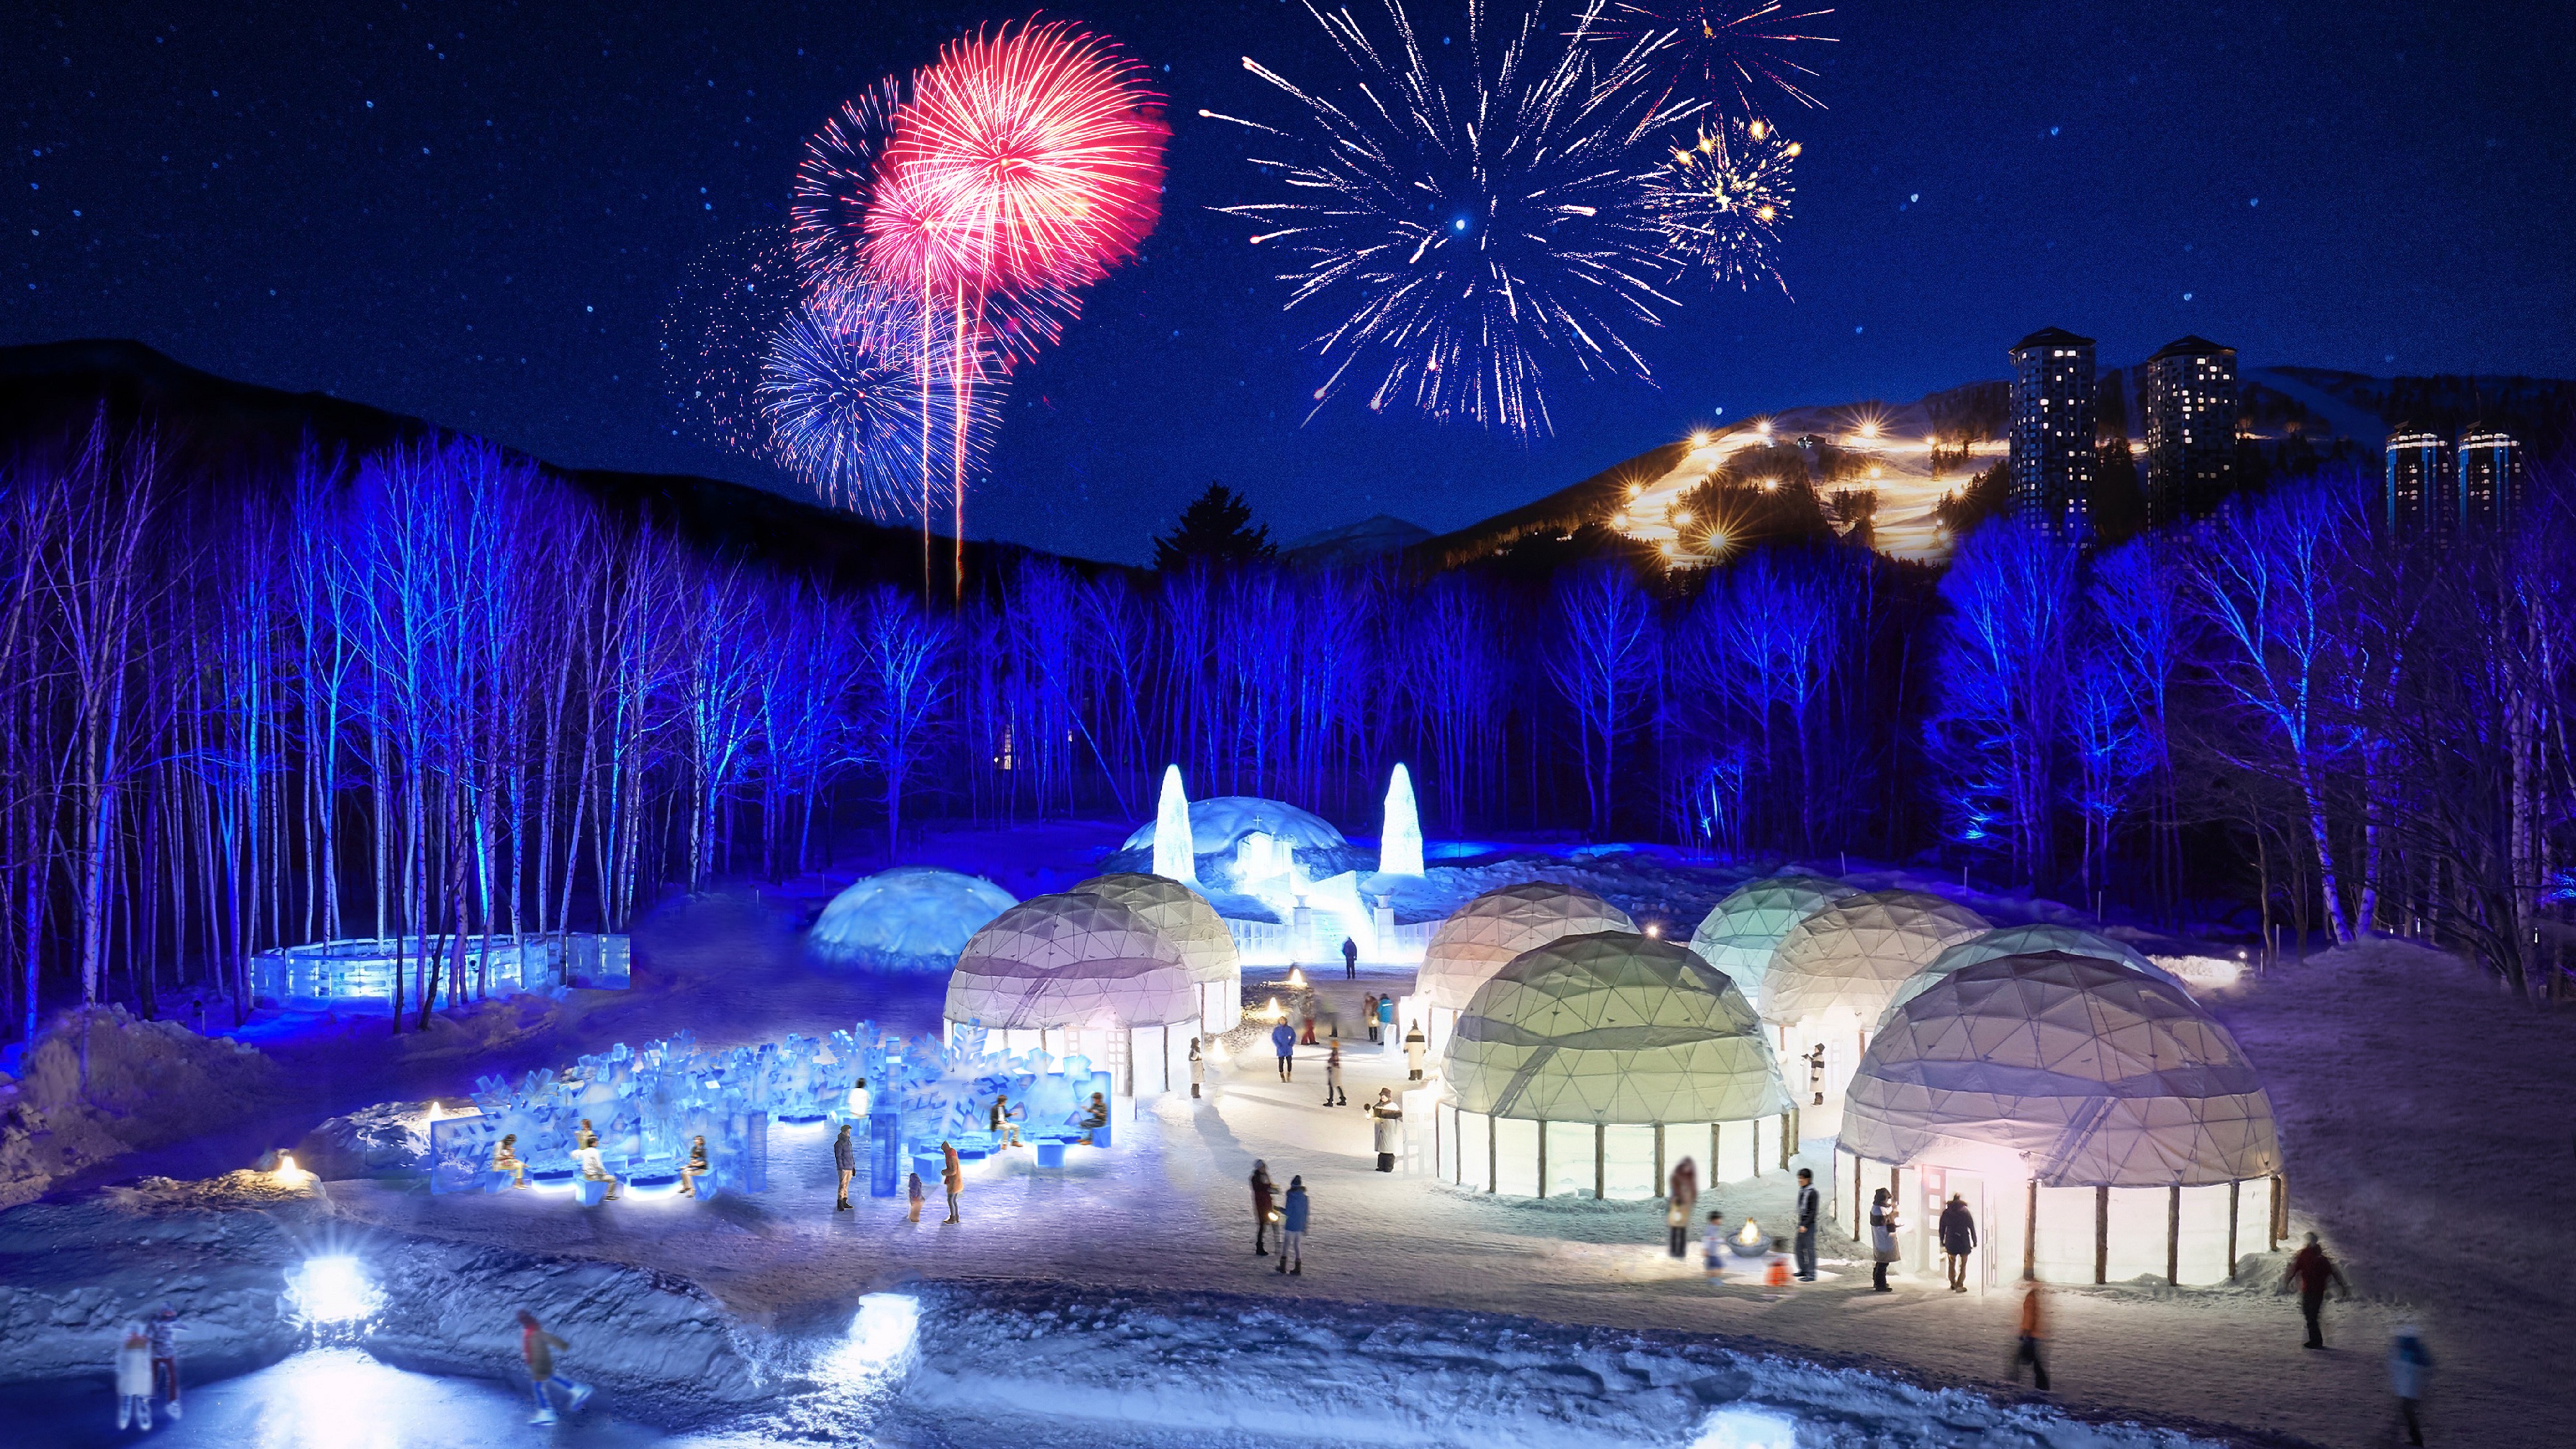 冬遊星野度假村六大夢幻亮點 雪屋圍爐、冰之甜點、冰雪酒吧、冰瀑溫泉、冰之旅館、冰上露天溫泉風呂絕美體驗